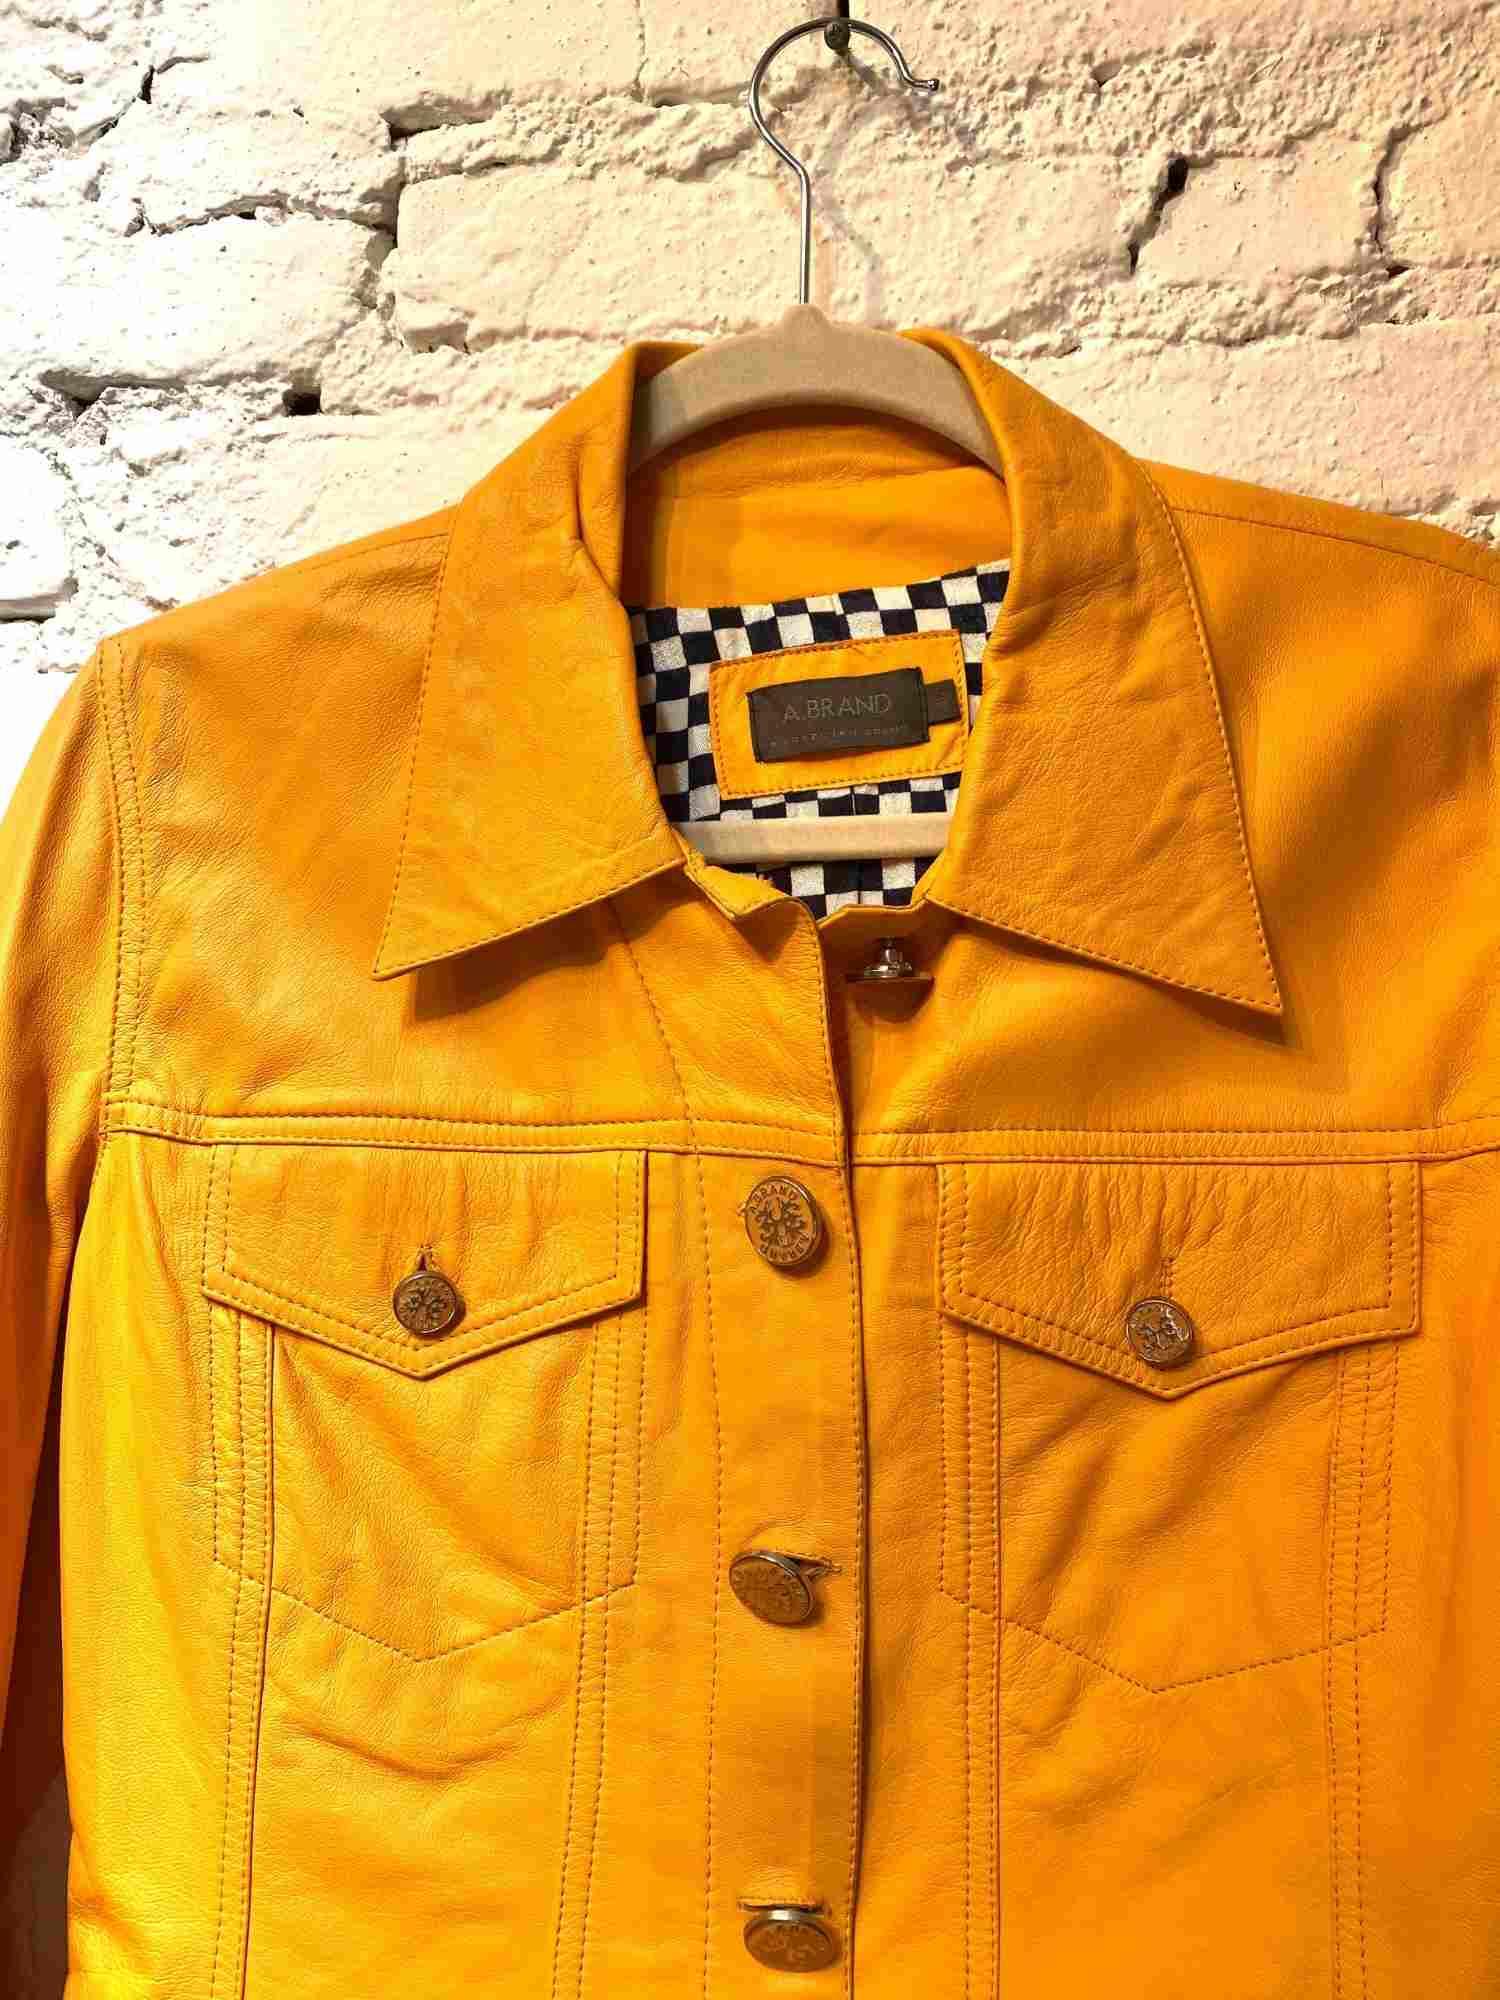 Jaqueta A.Brand Couro Amarelo